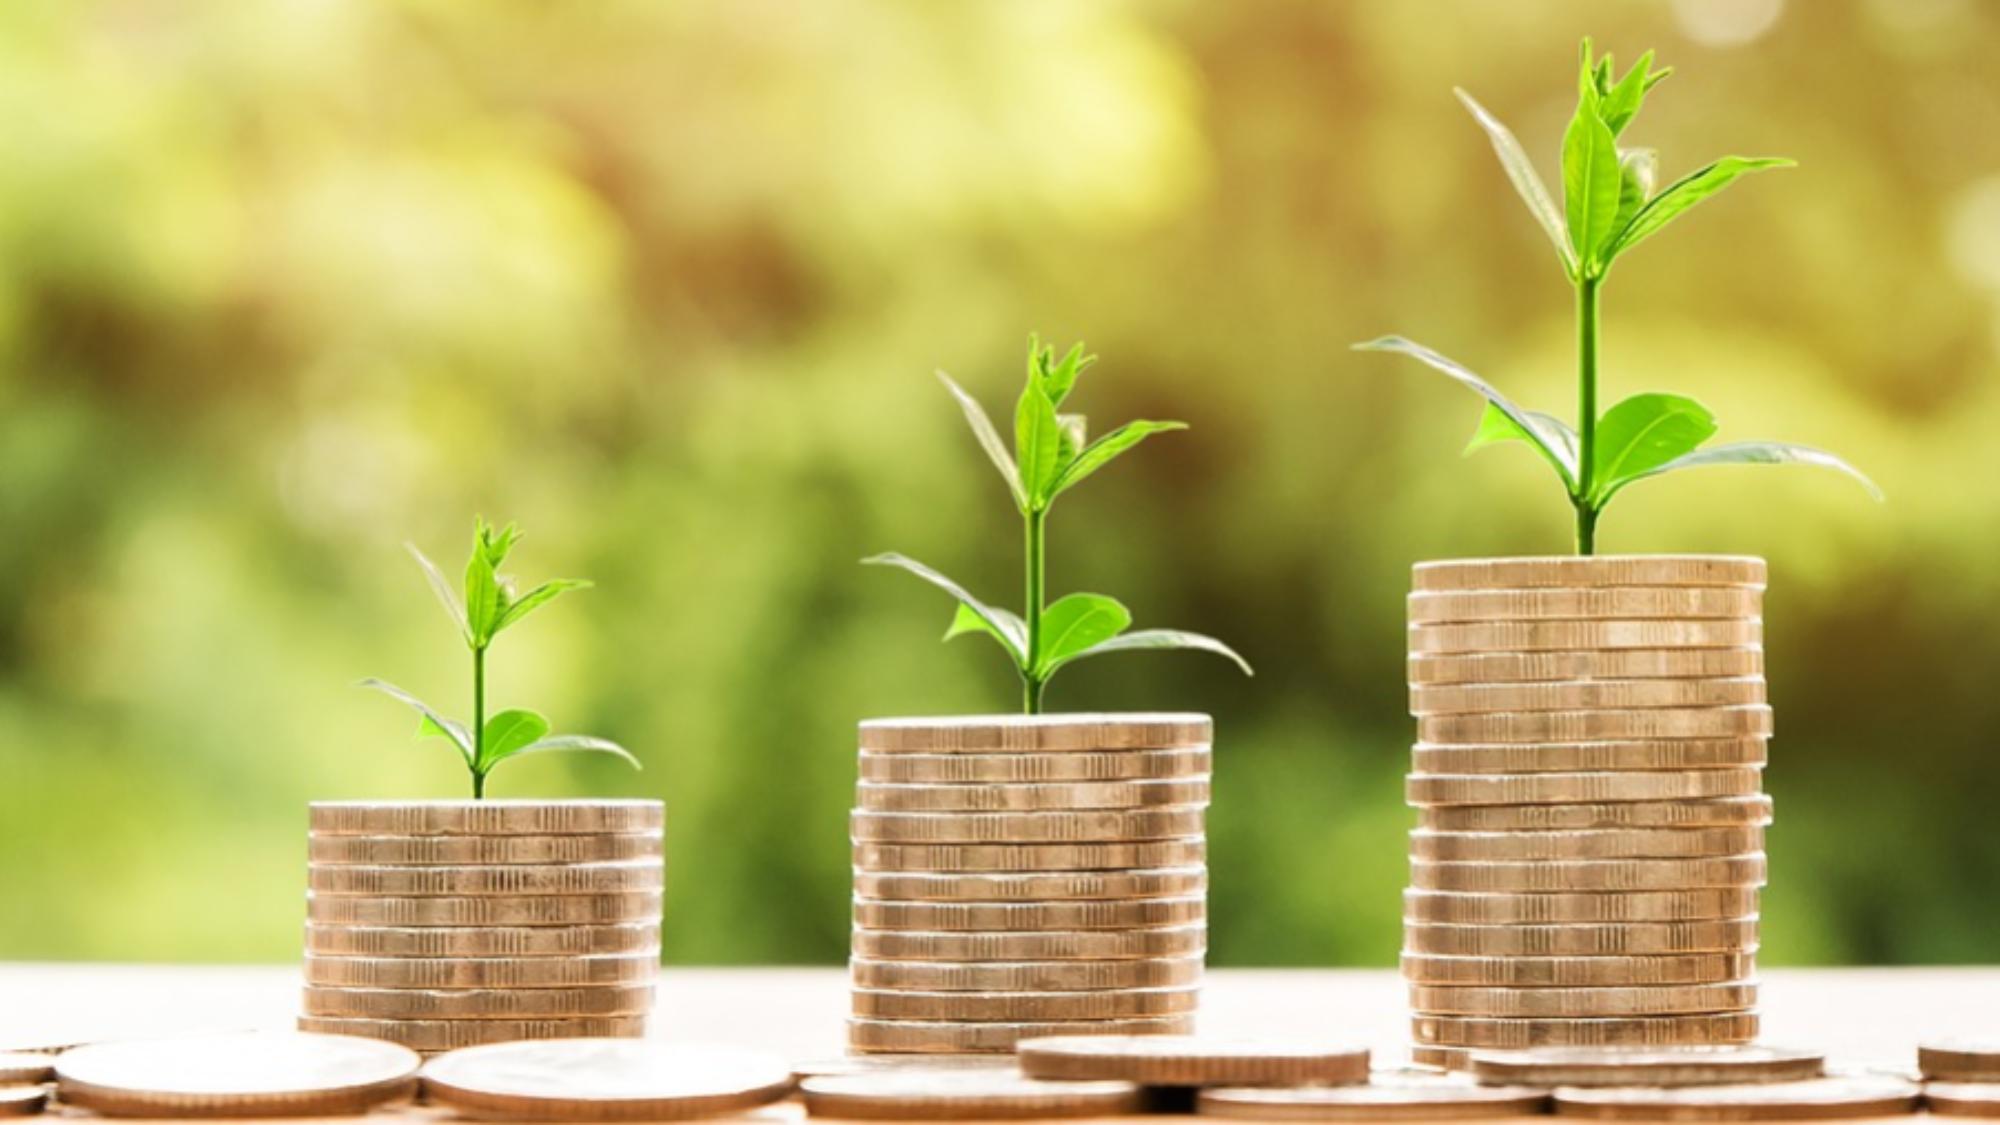 La contabilidad y el emprendedor: monedas y crecimiento